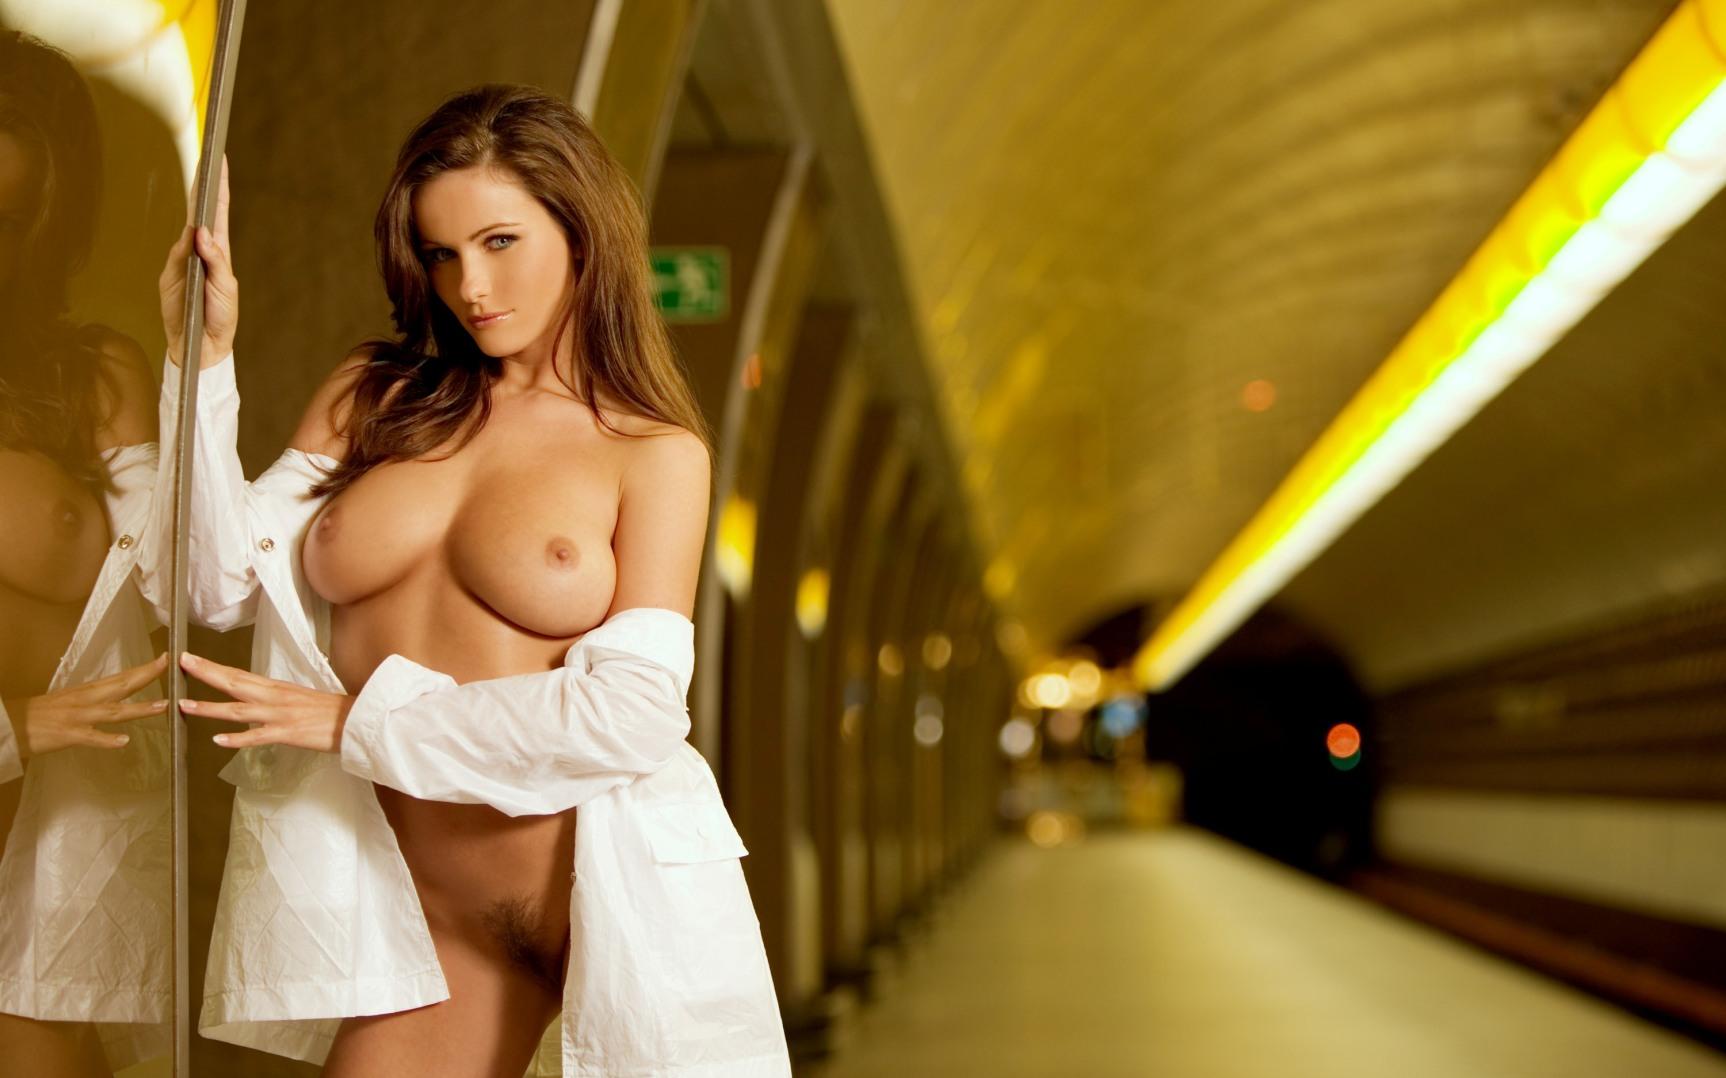 Красотка раздевается онлайн, порно гиганты смотреть